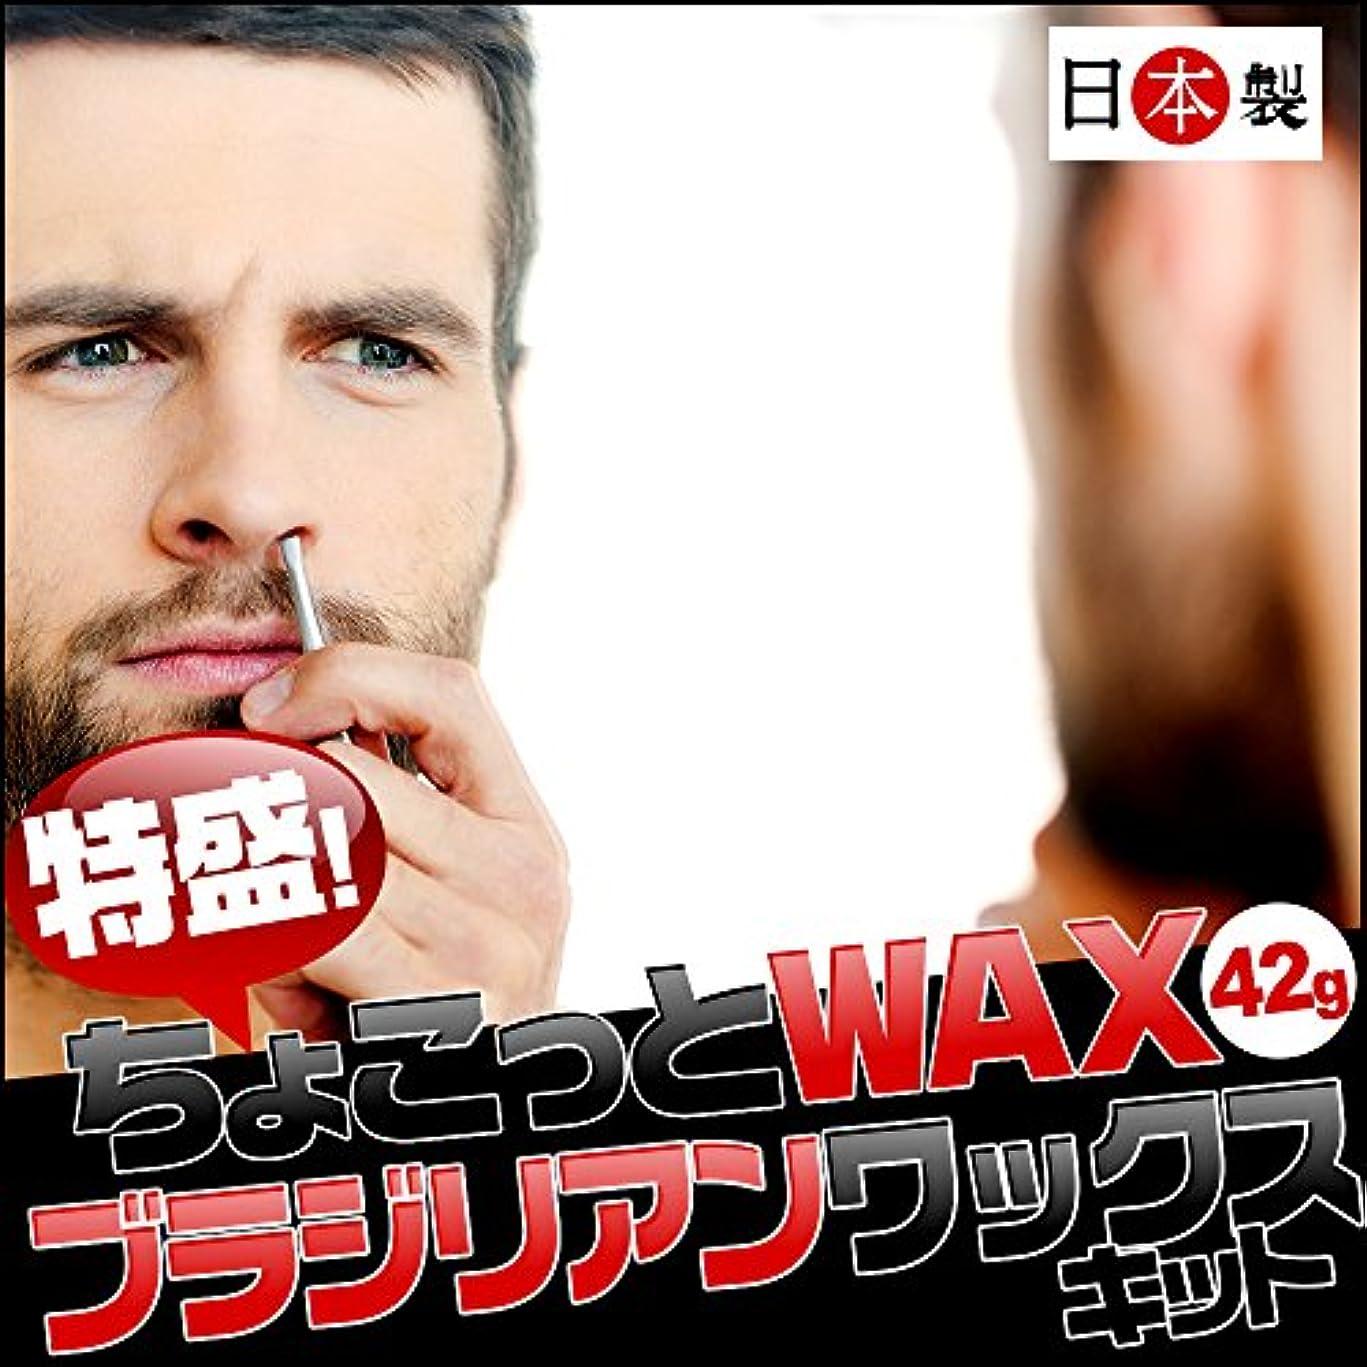 ベンチャー朝ごはんジャム日本製ワックスで安心!鼻毛脱毛  特盛  ちょこっとWax 6回分 (鼻毛スティック12本)